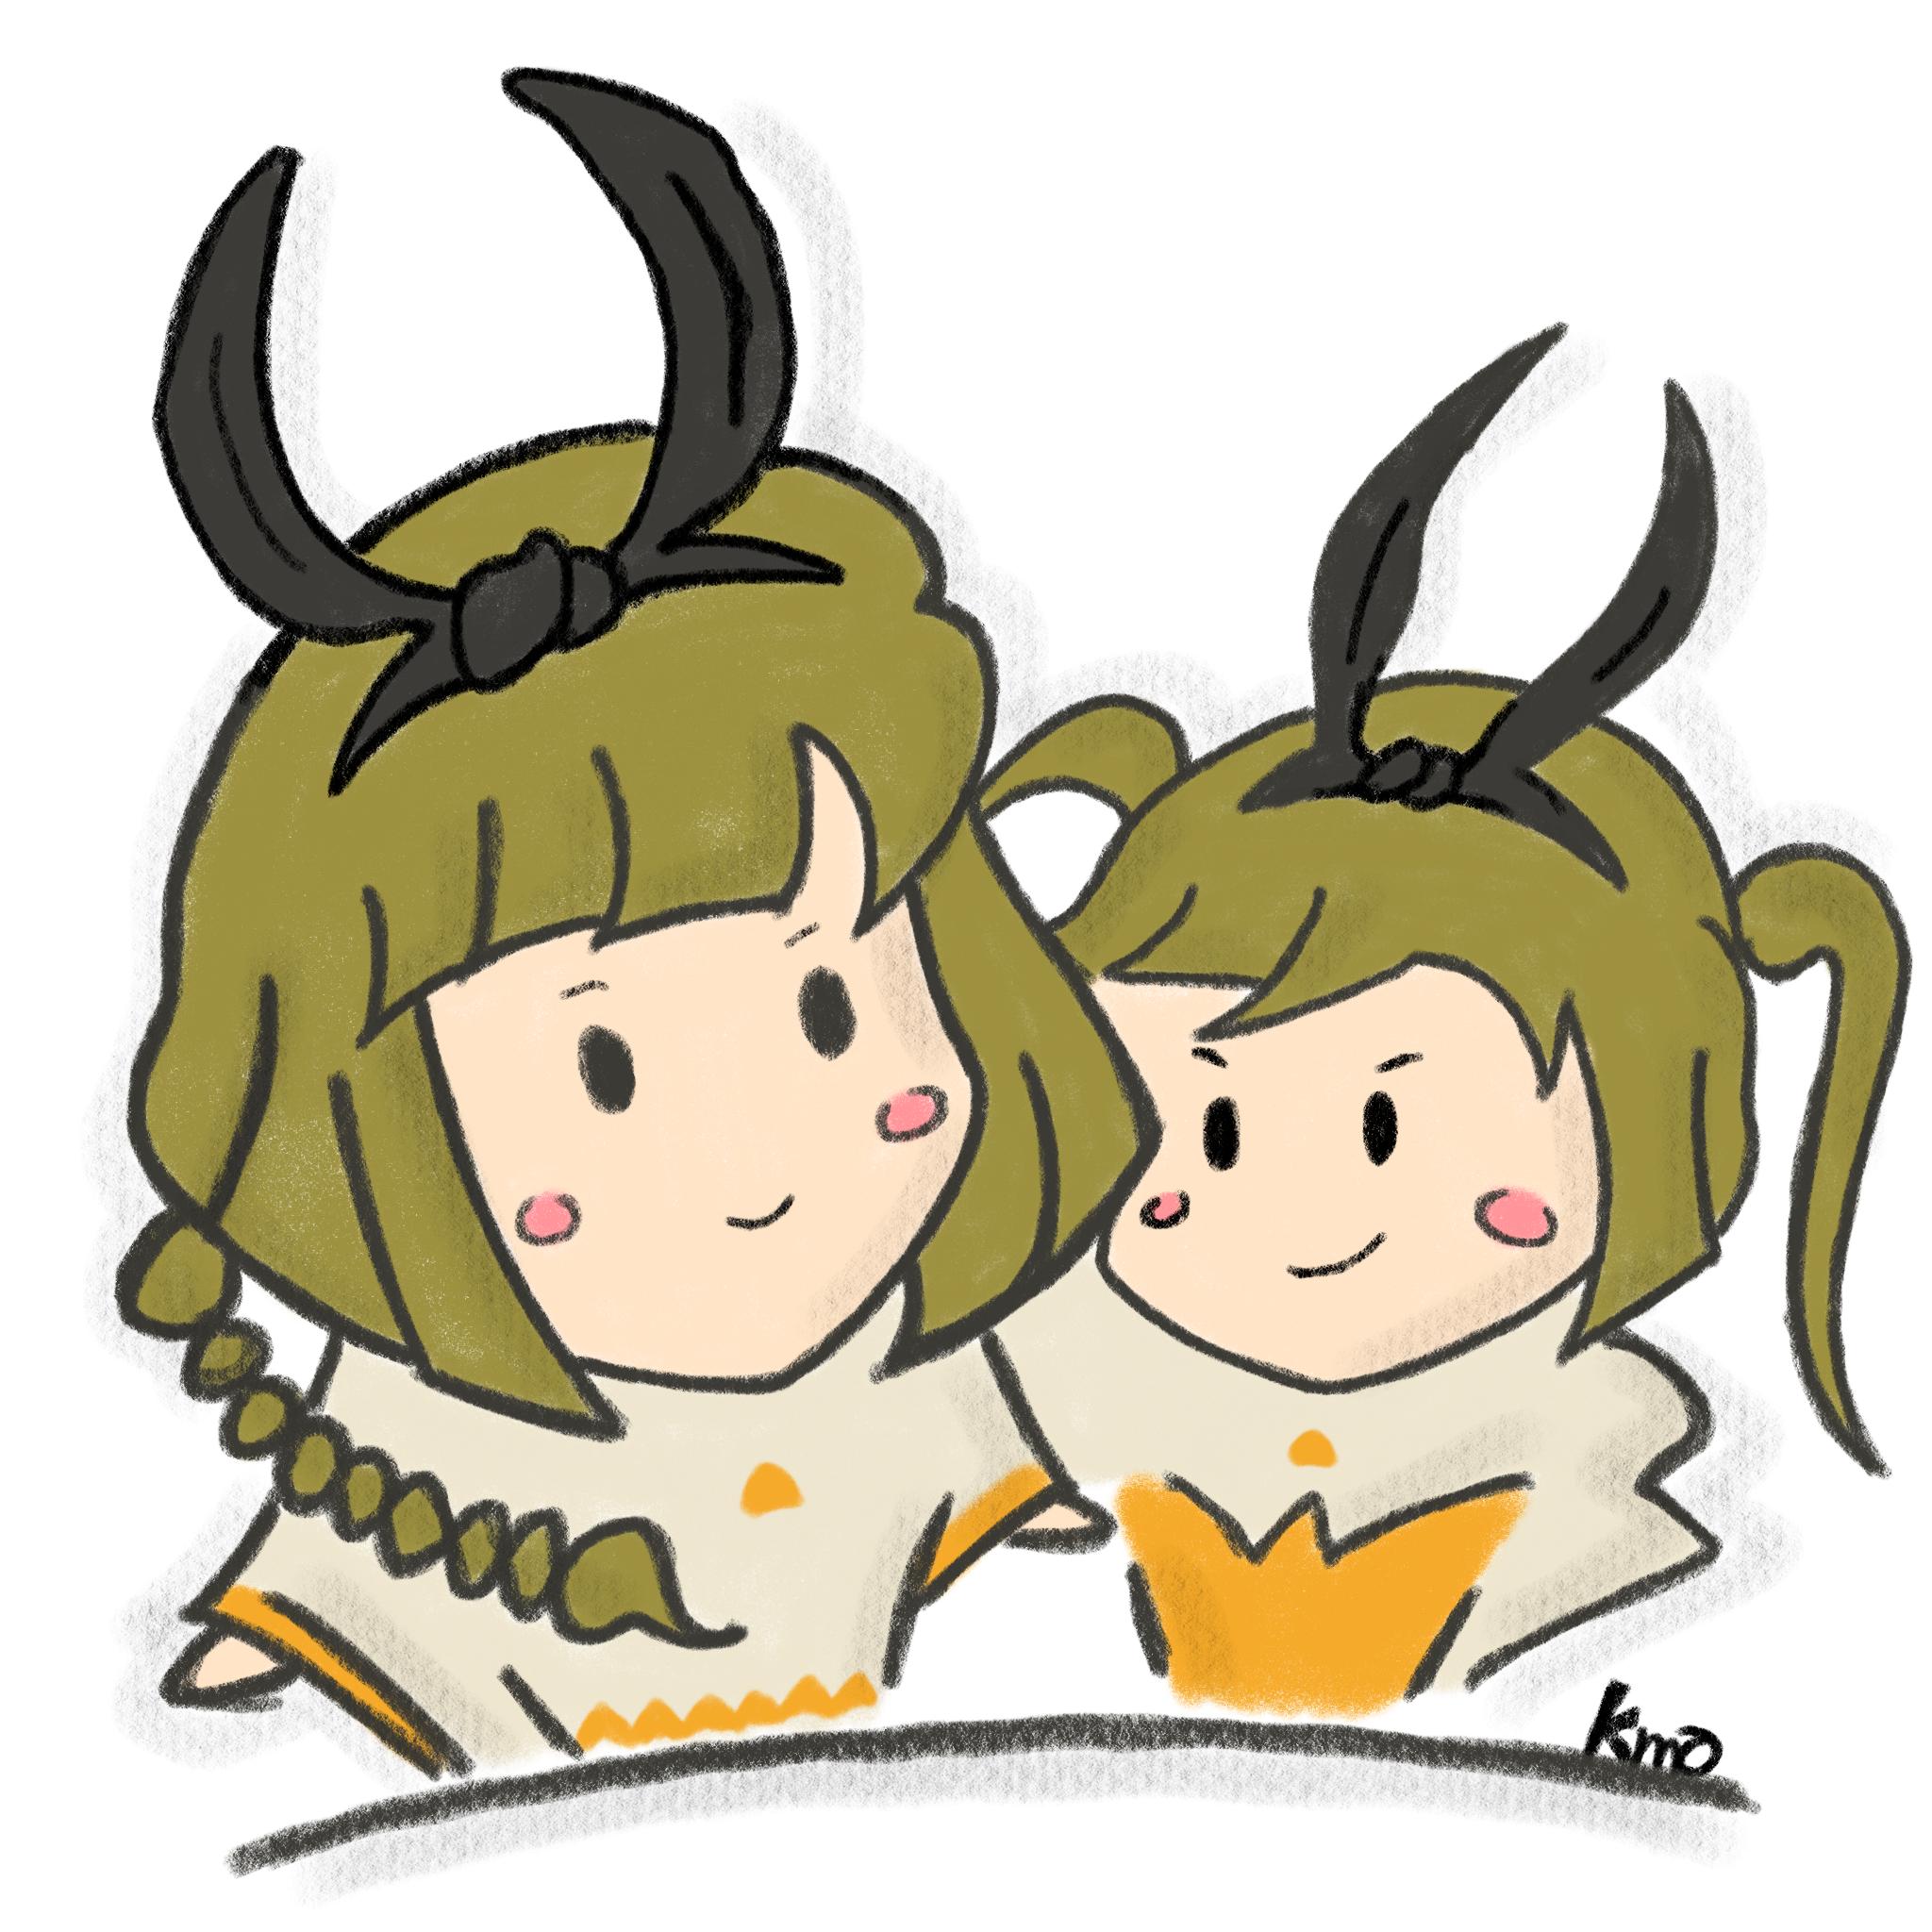 【クモマライズはおかげさまで100人突破】 100人描いても大丈夫〜!!